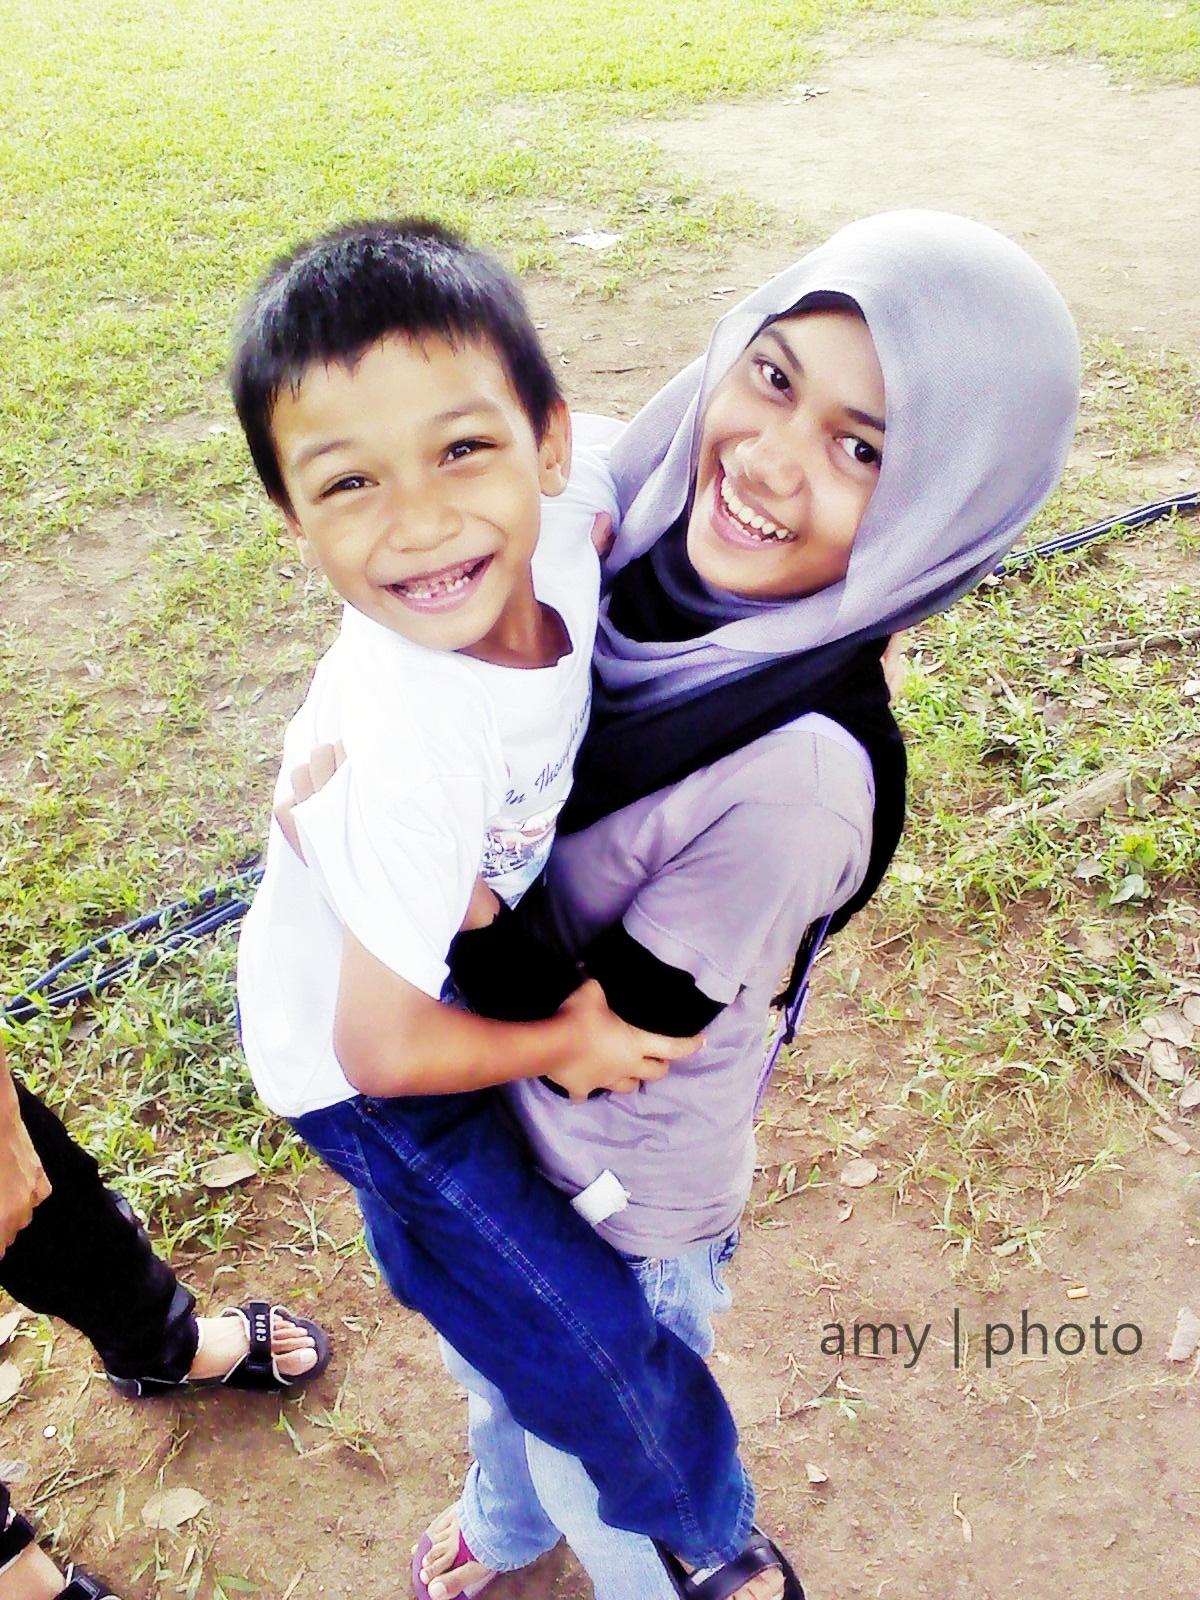 Kami anak Malaysia. Hooray!